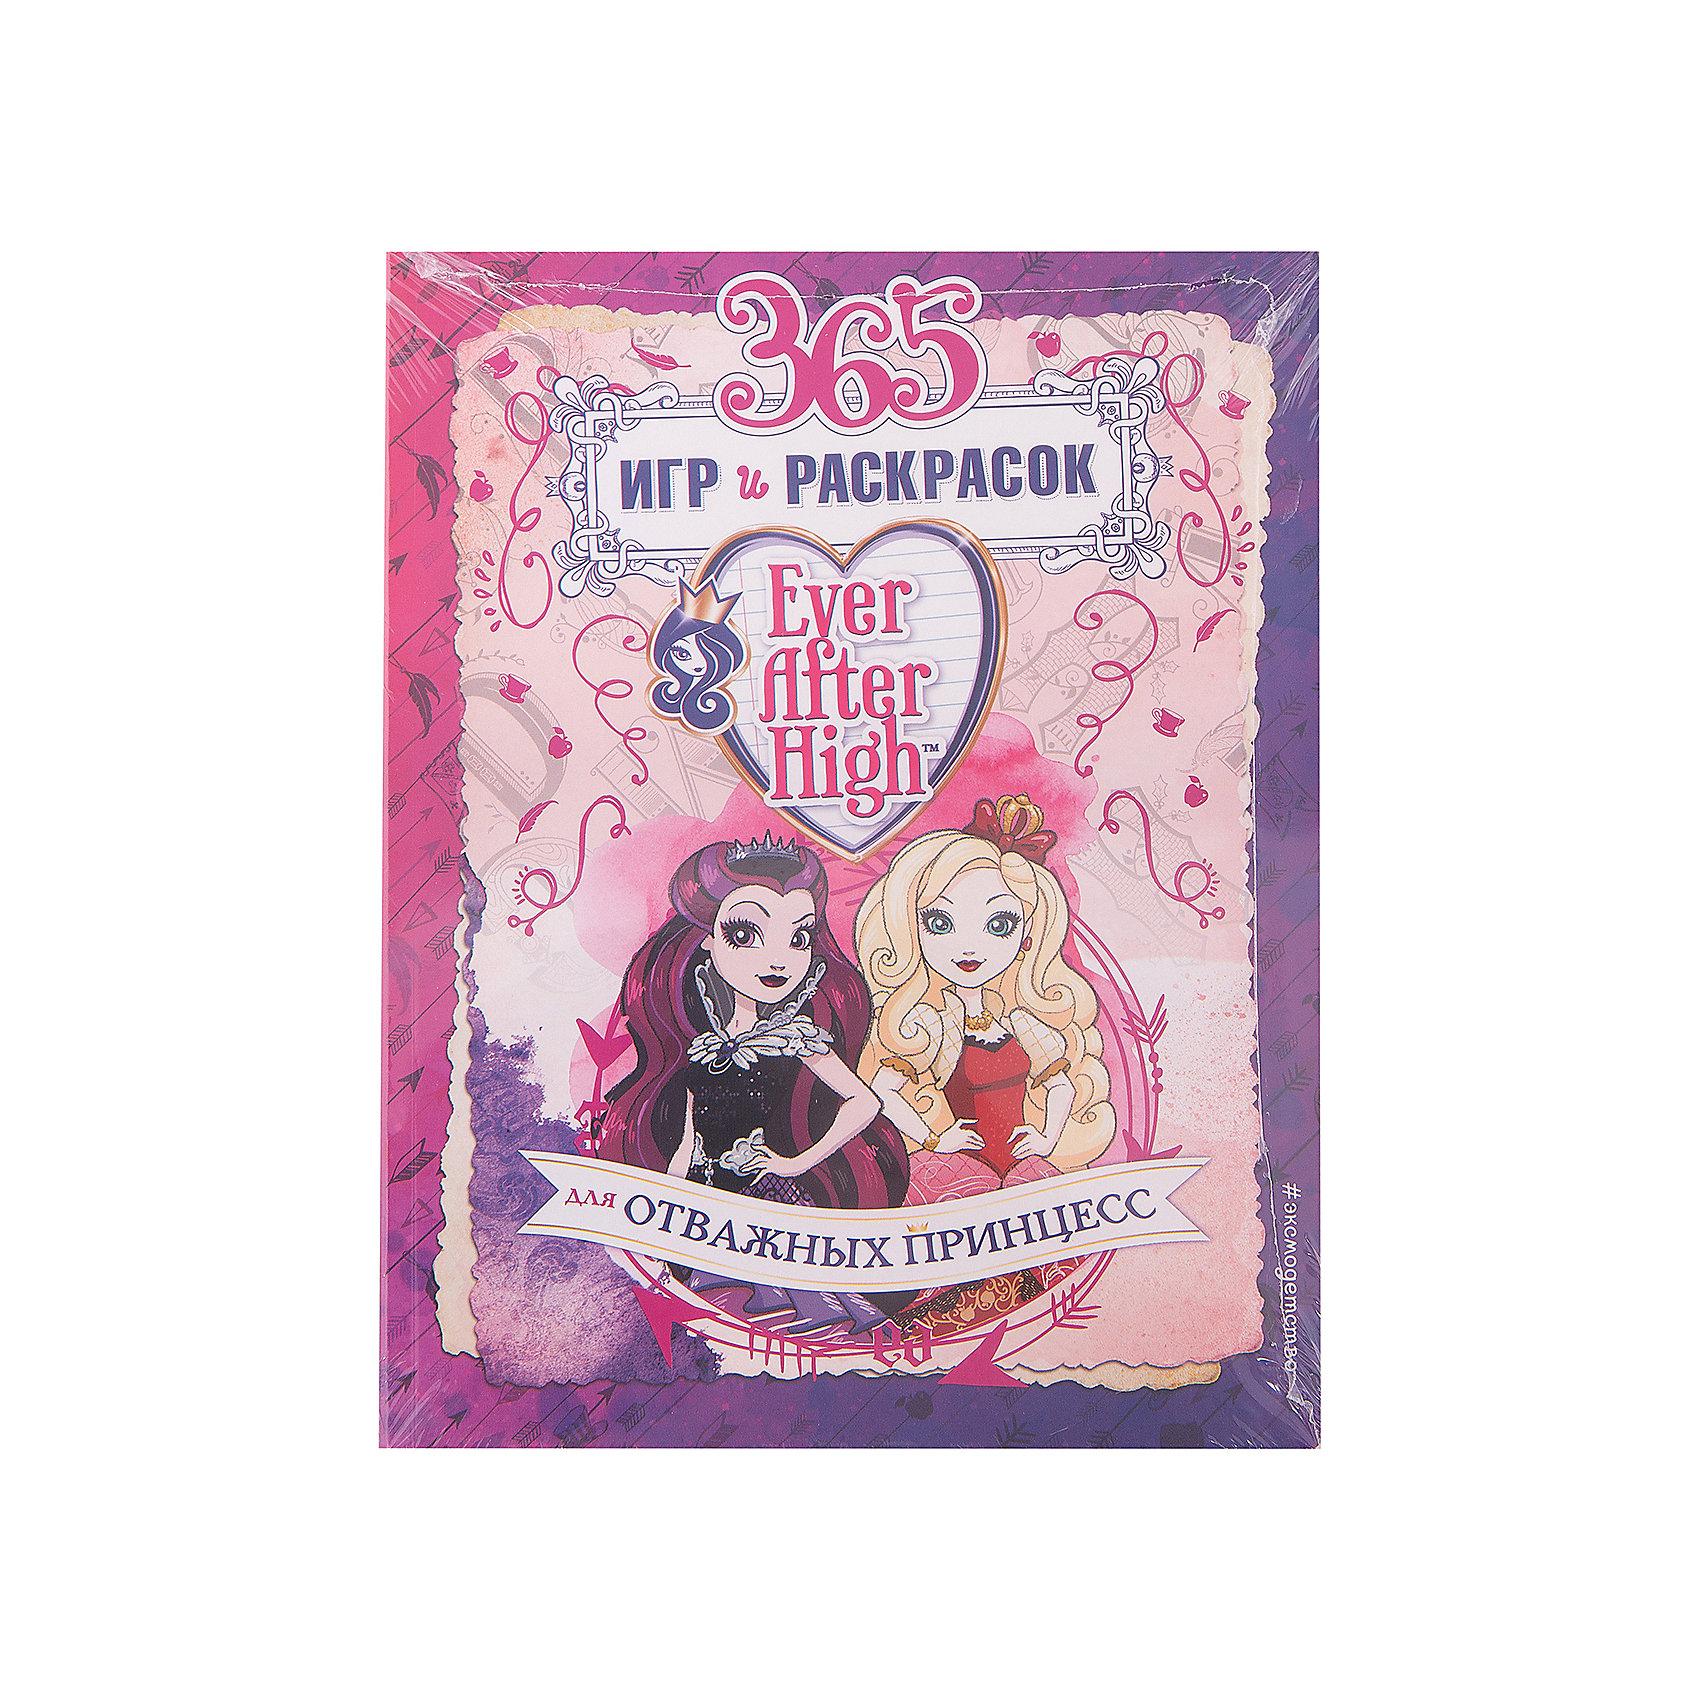 365 игр и раскрасок для отважных принцесс, Ever After HighРаскраски по номерам<br>Характеристики товара: <br><br>• ISBN: 9785699867929<br>• возраст от: 3 лет<br>• формат: 84x108/16<br>• бумага: офсетная<br>• обложка: мягкая<br>• иллюстрации: черно-белые<br>• издательство: Эксмо<br>• автор: Л.О. Самадашвили, Ю.С. Волченко<br>• количество страниц: 144<br>• размеры: 26x20 см<br><br>Современные девочки обожают героинь Ever After High. Эта книга поможет снова встретиться с ними и вместе рисовать, раскрашивать, разгадывать головоломки, а также узнавать полезные вещи.<br><br>Книга поможет весело и с пользой провести ребенку время. <br><br>365 игр и раскрасок для отважных принцесс, Ever After High, можно купить в нашем интернет-магазине.<br><br>Ширина мм: 255<br>Глубина мм: 197<br>Высота мм: 100<br>Вес г: 394<br>Возраст от месяцев: 36<br>Возраст до месяцев: 2147483647<br>Пол: Унисекс<br>Возраст: Детский<br>SKU: 5535436